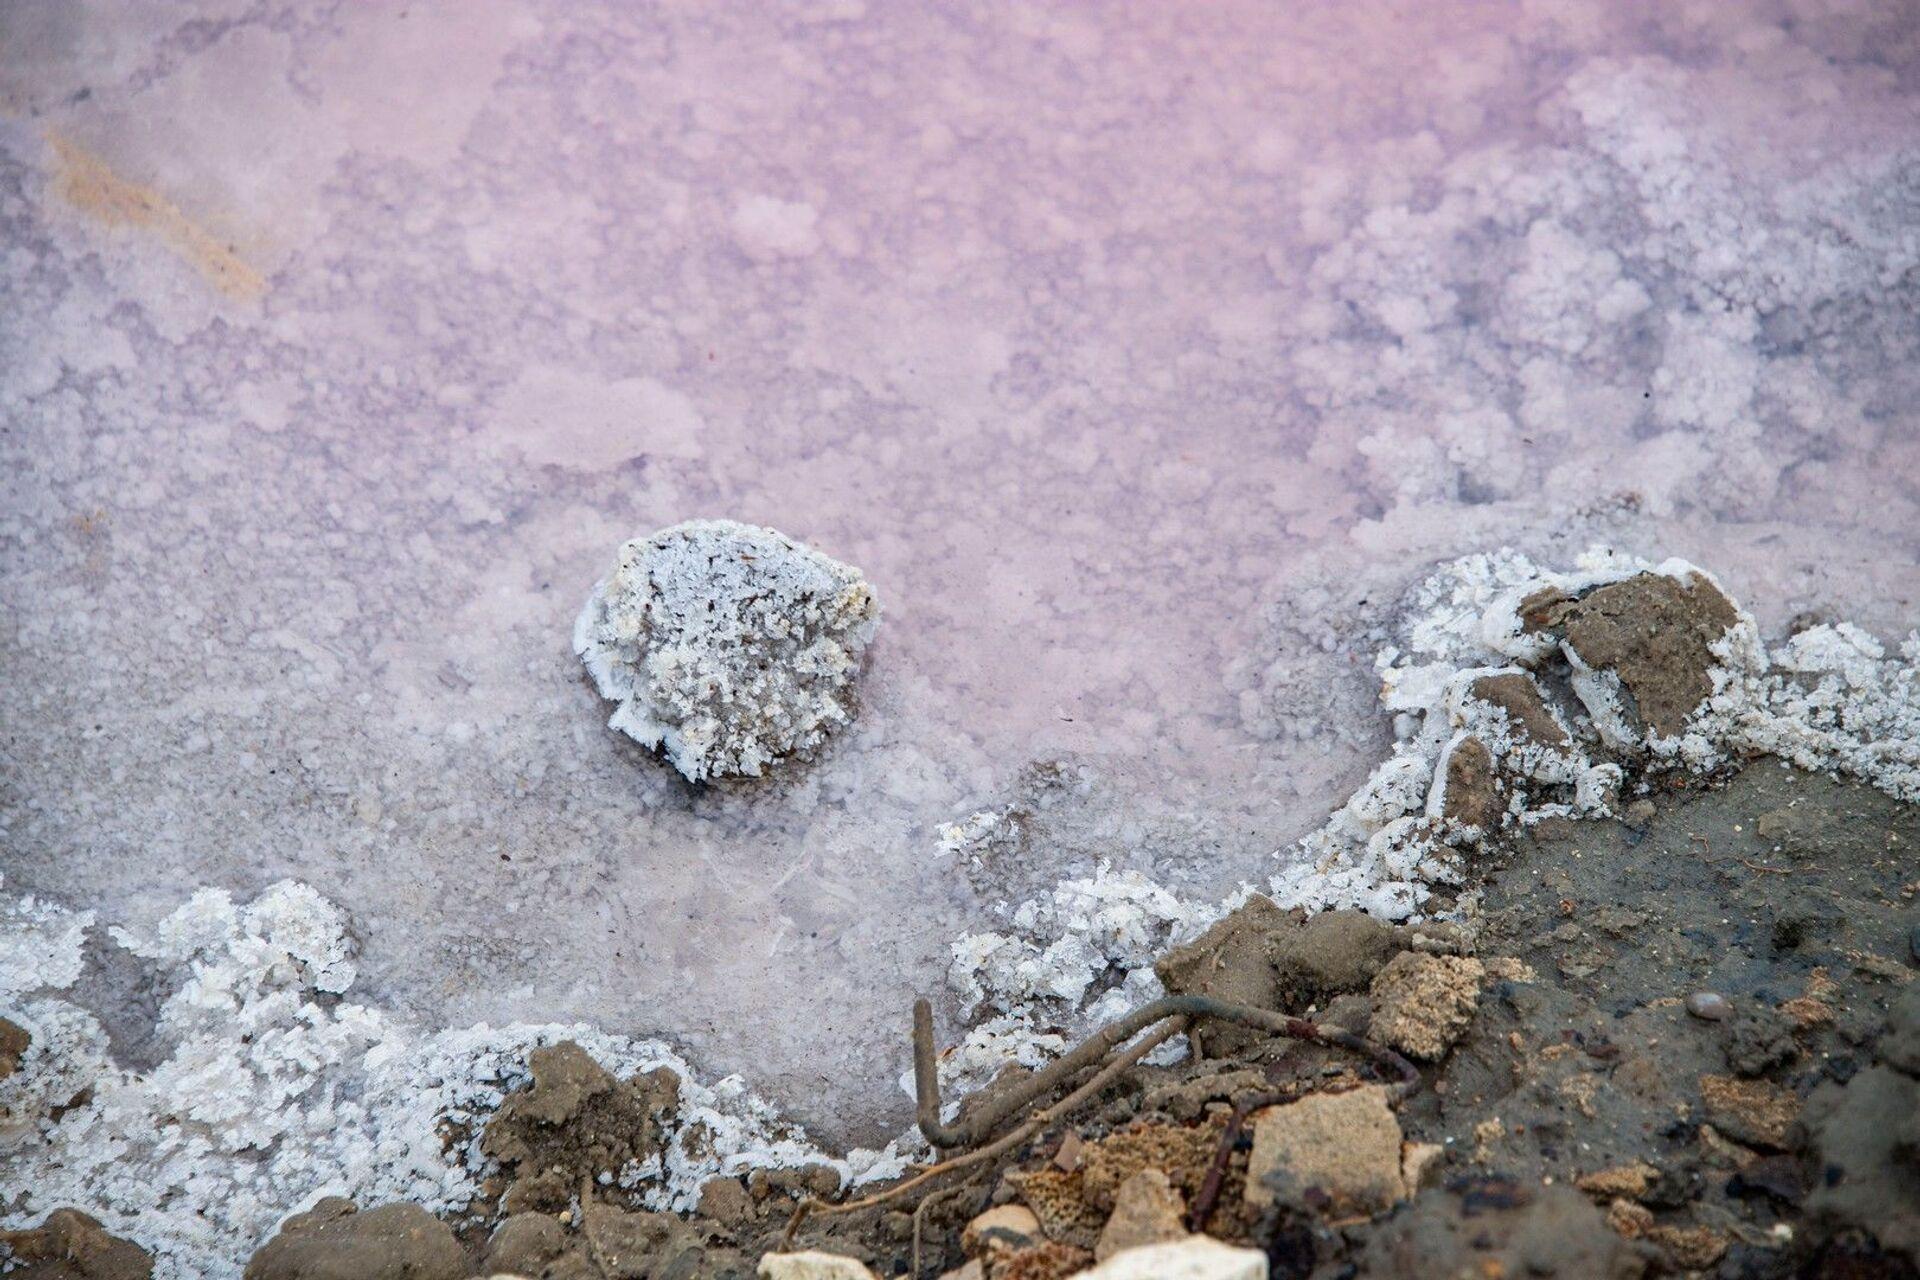 Сакское лечебное озеро иногда приобретает розоватый оттенок и-за микробиологических процессов в рапе - РИА Новости, 1920, 11.08.2021